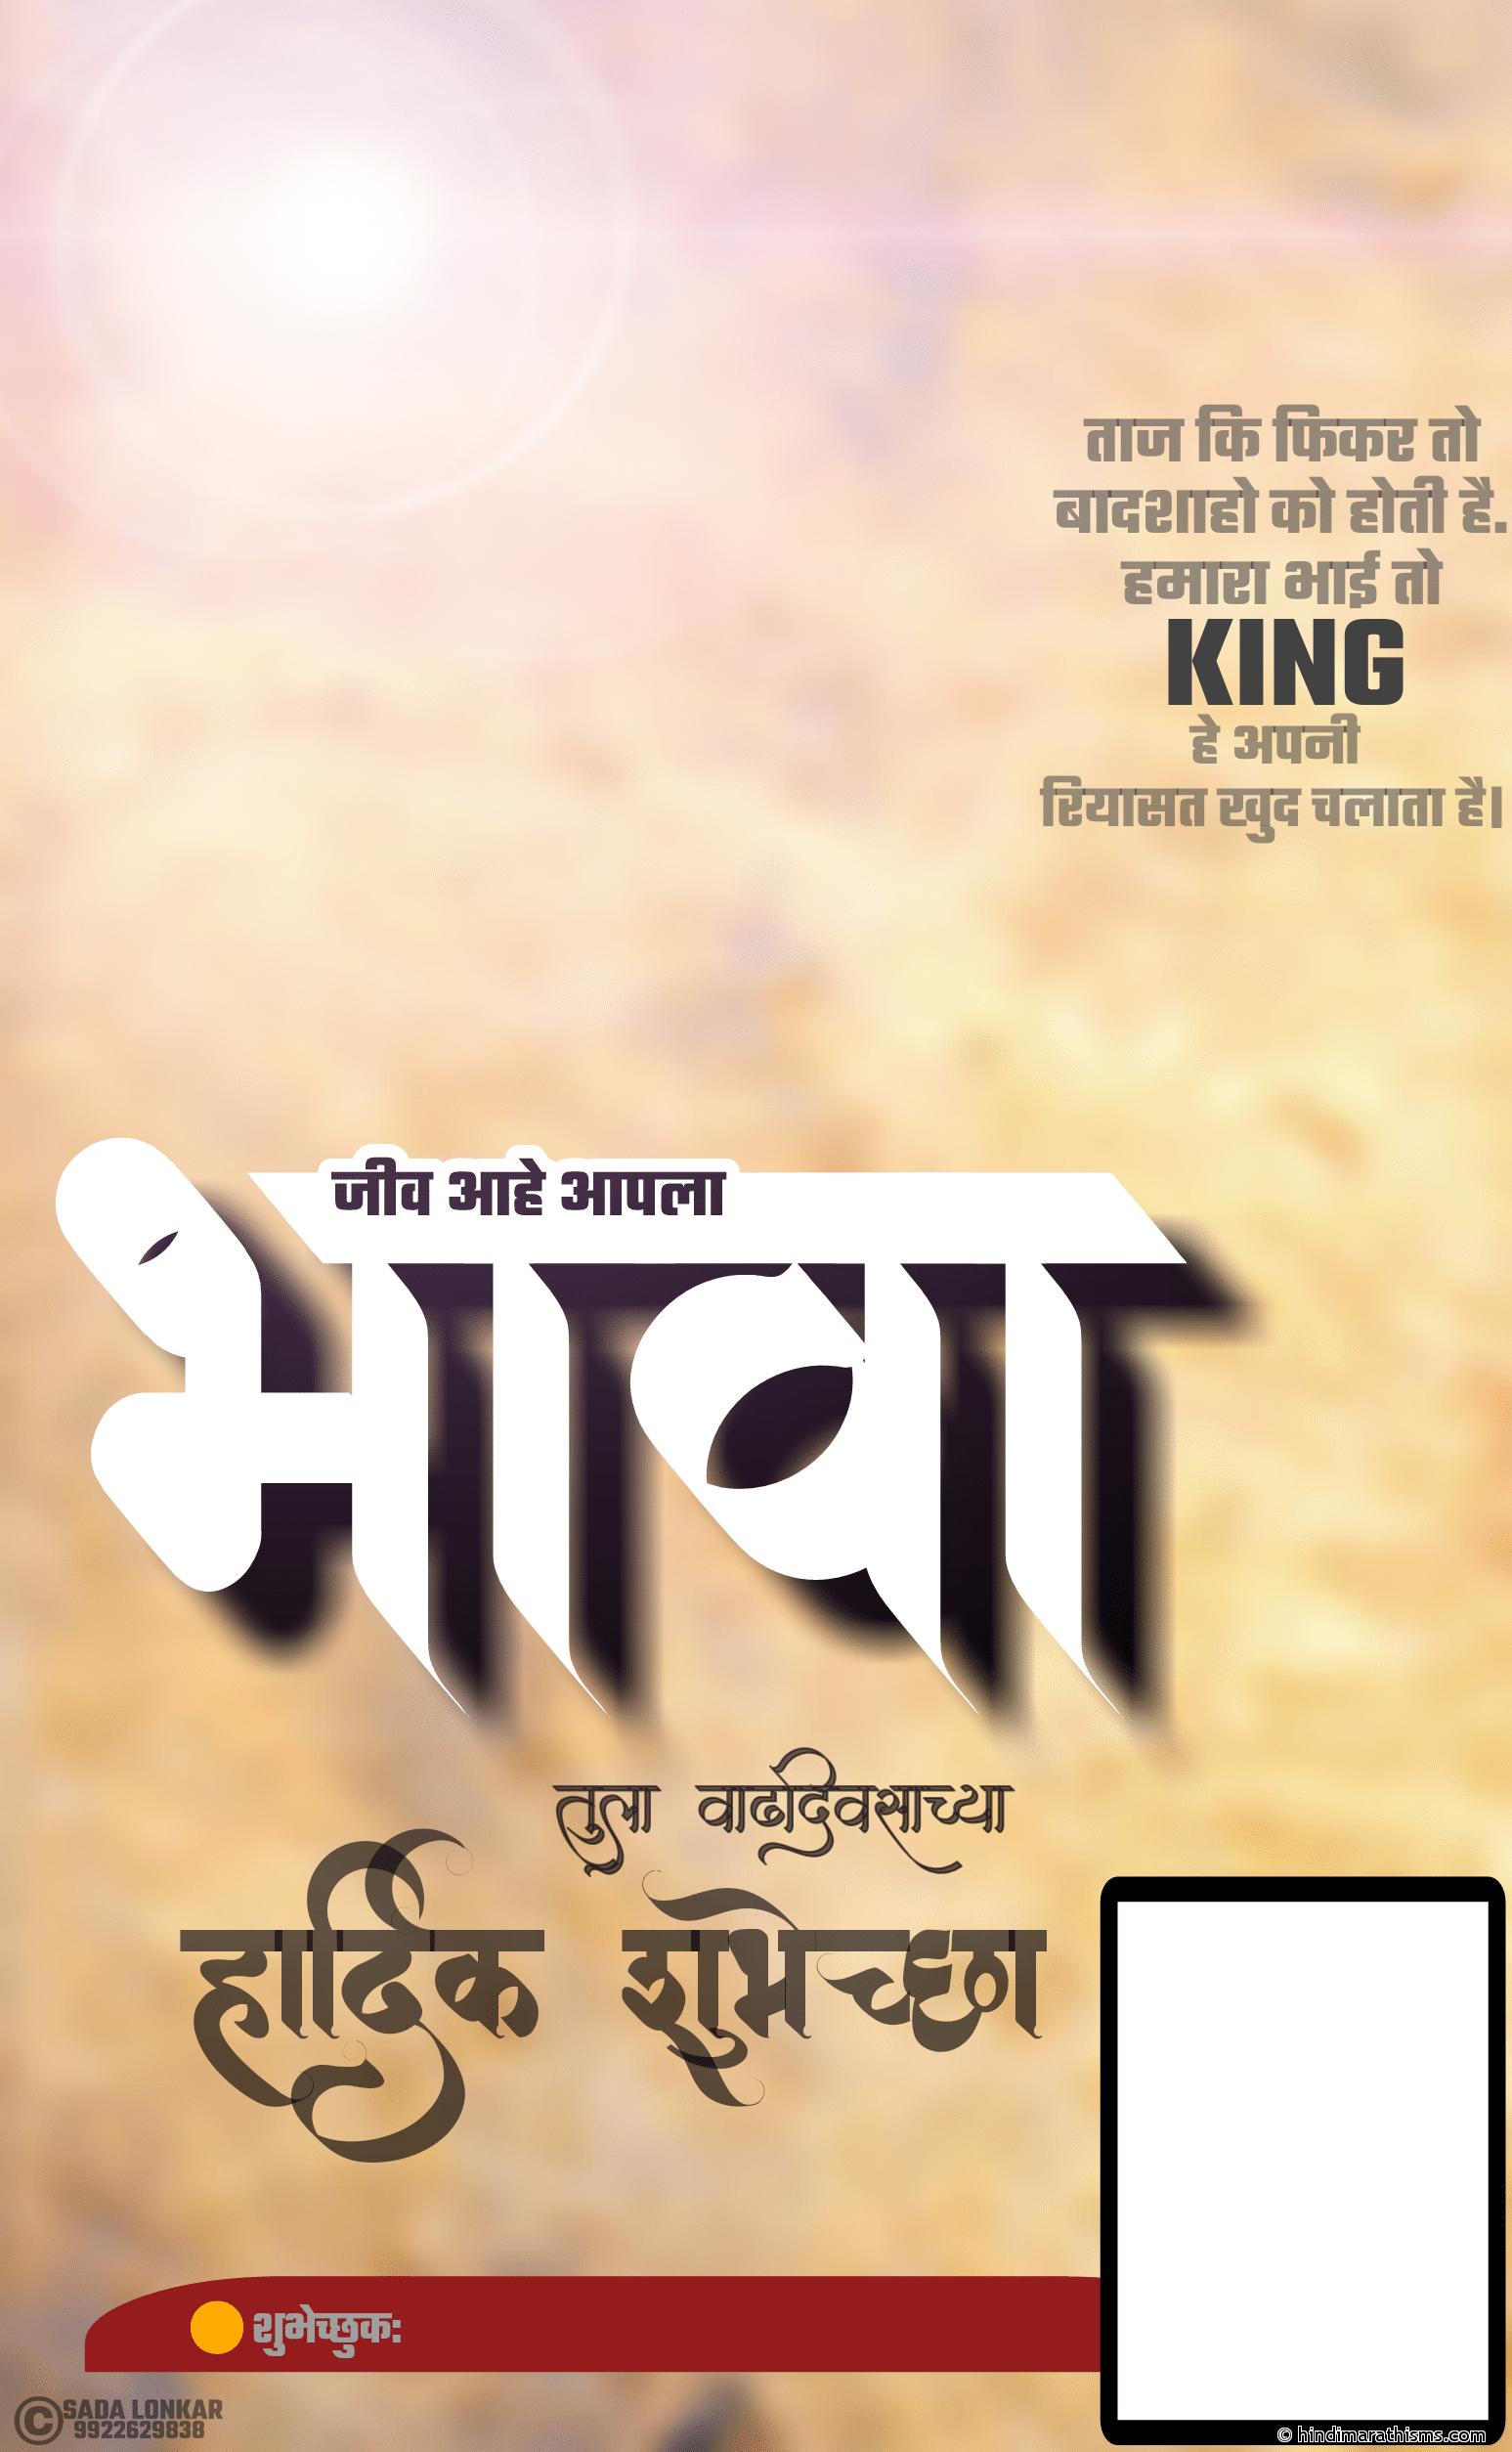 Bhava Vadhdivsachya Shubhechha Banner Image